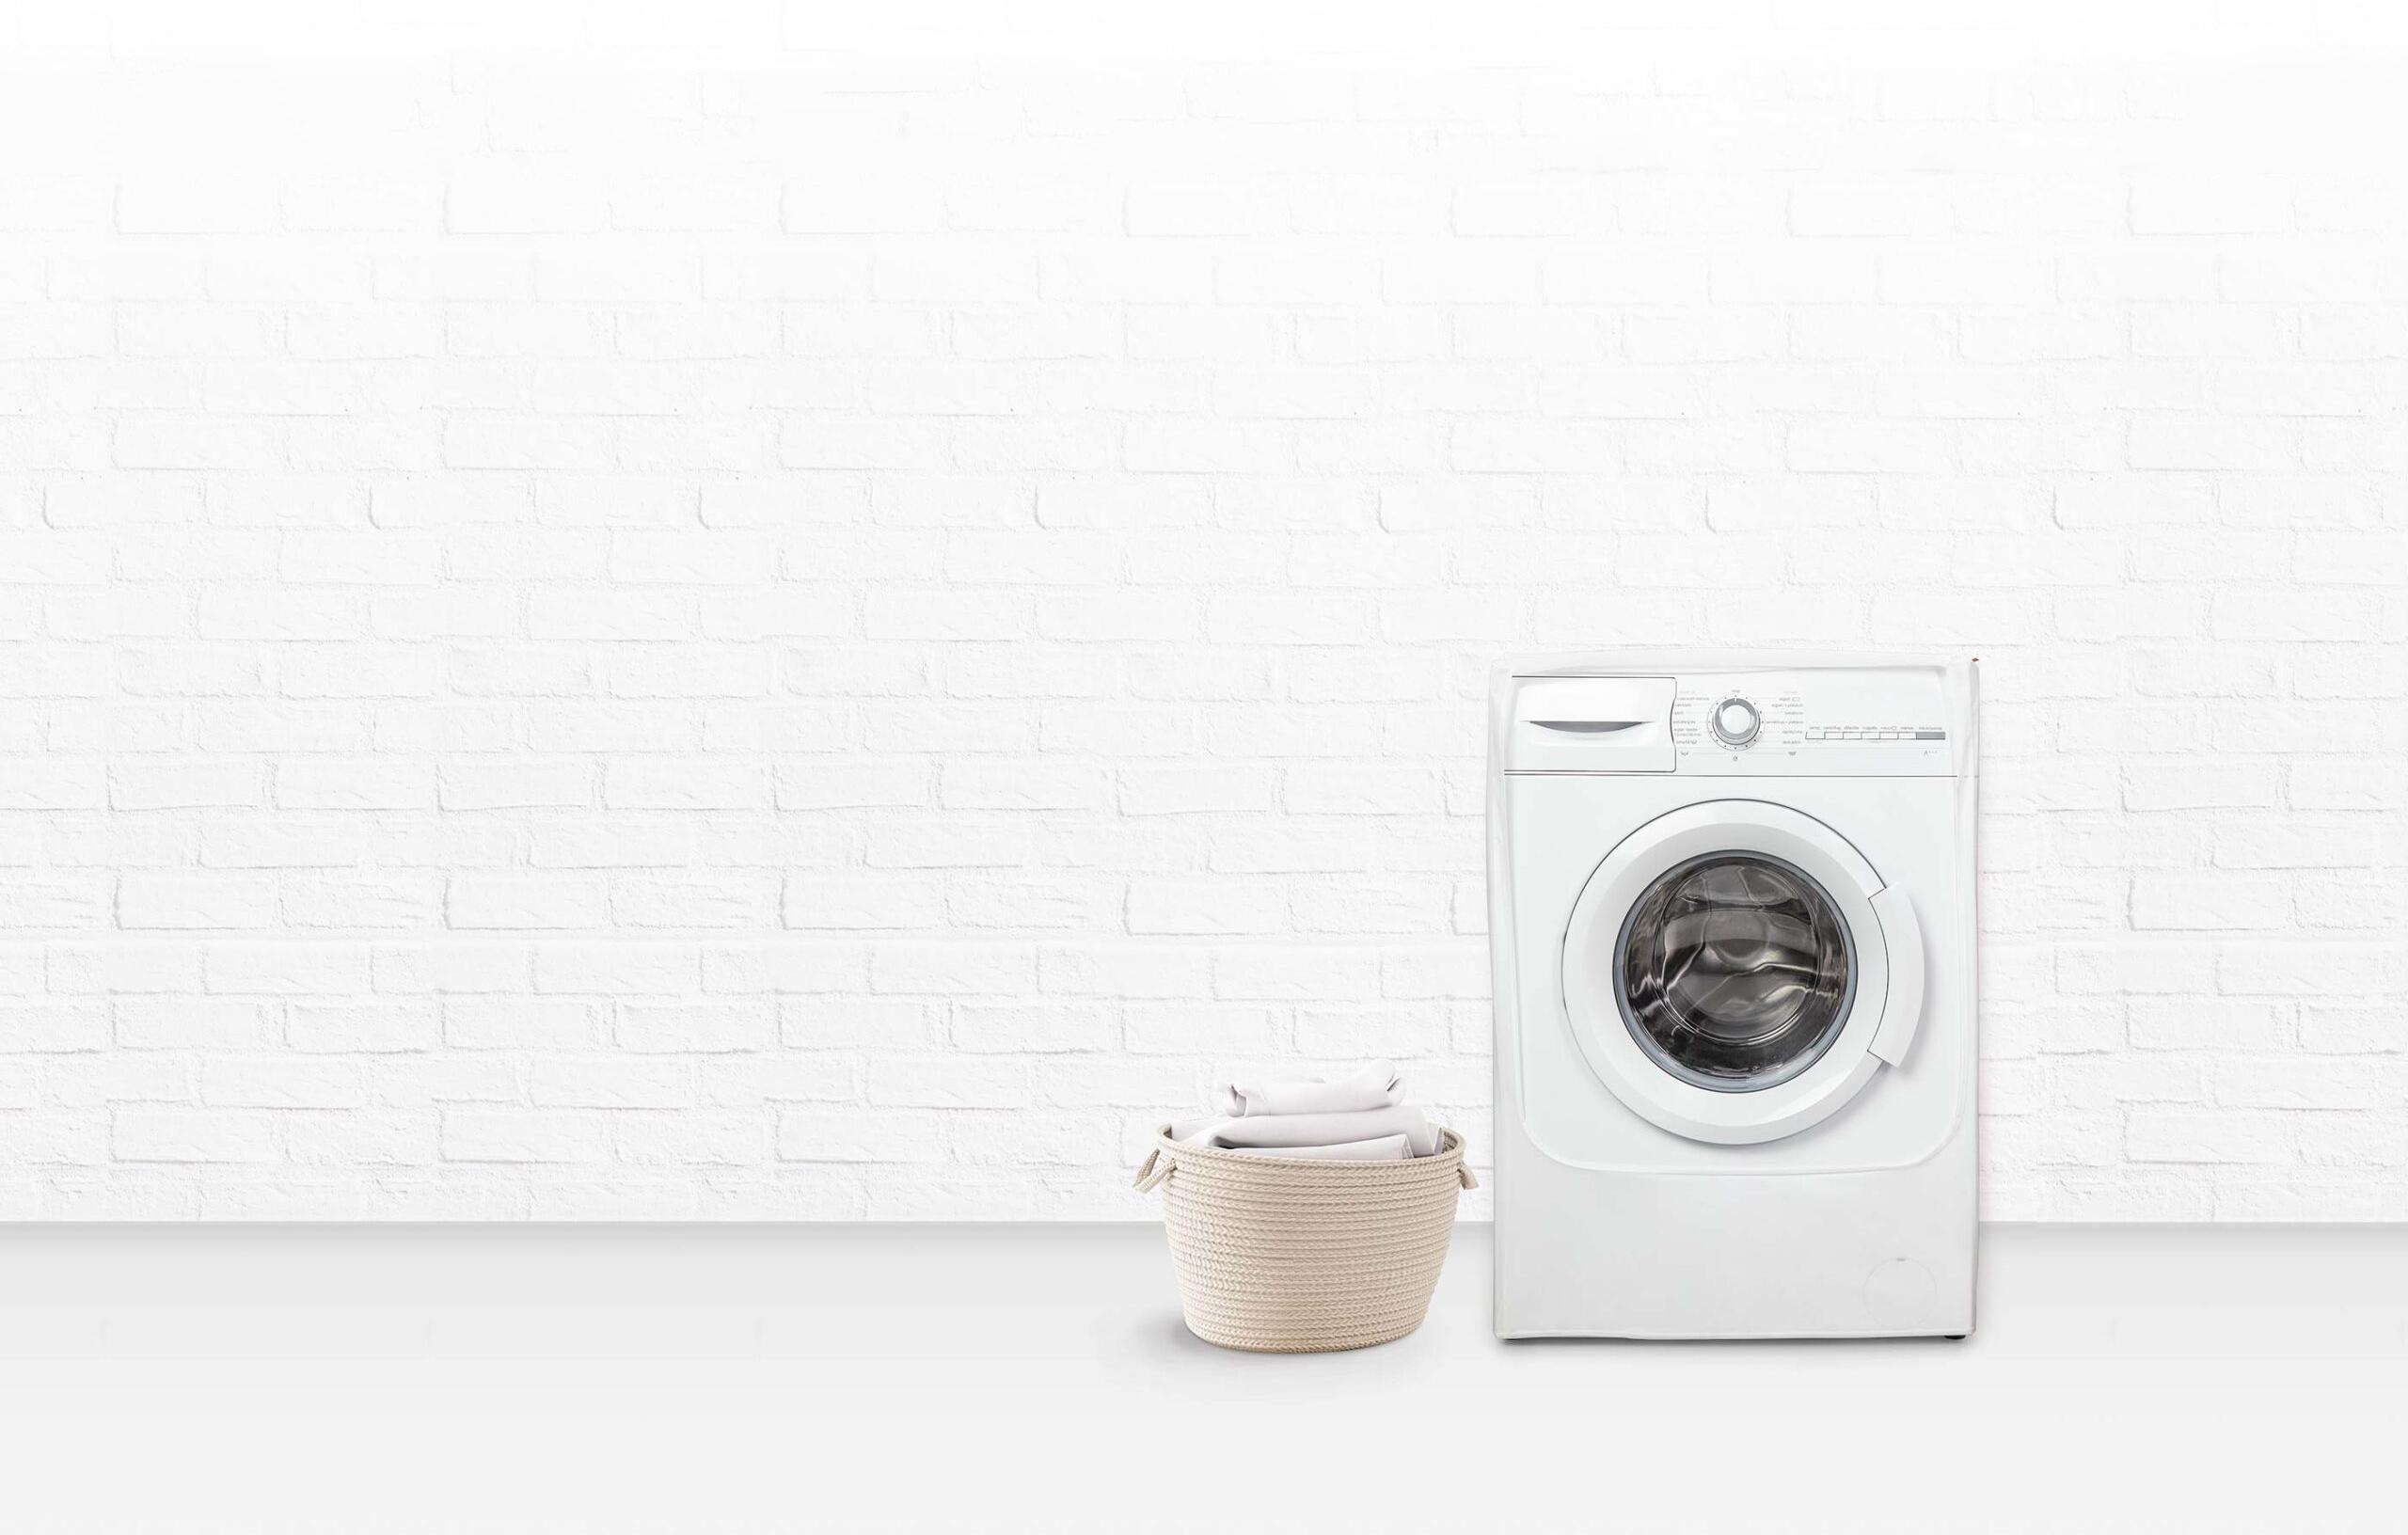 fundas-lavadora-1-2021 fundas-lavadora-1-2021 | Rayen.com